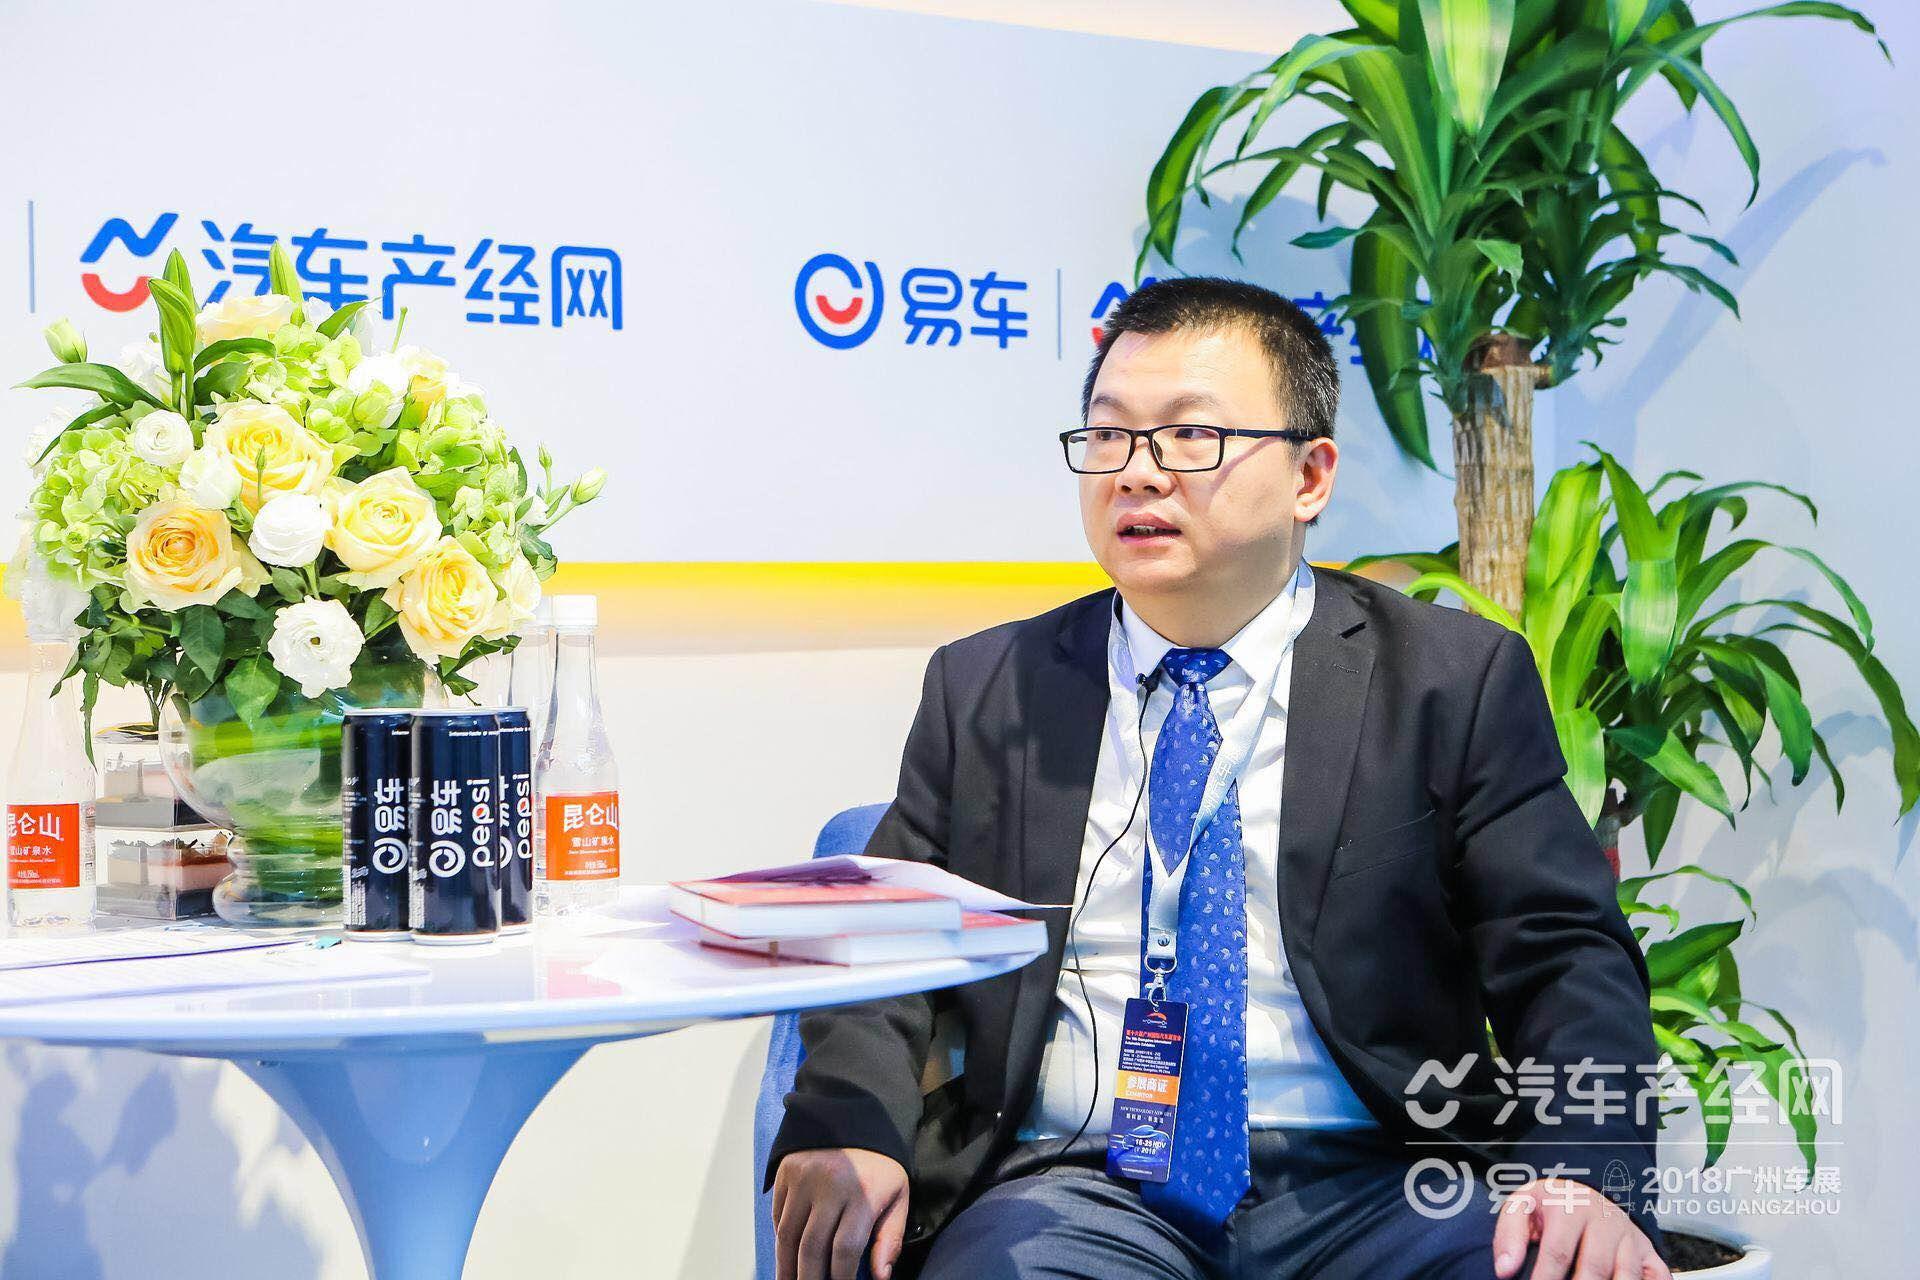 李灿辉:传祺小步稳走推进国际化 2020年或登陆美国